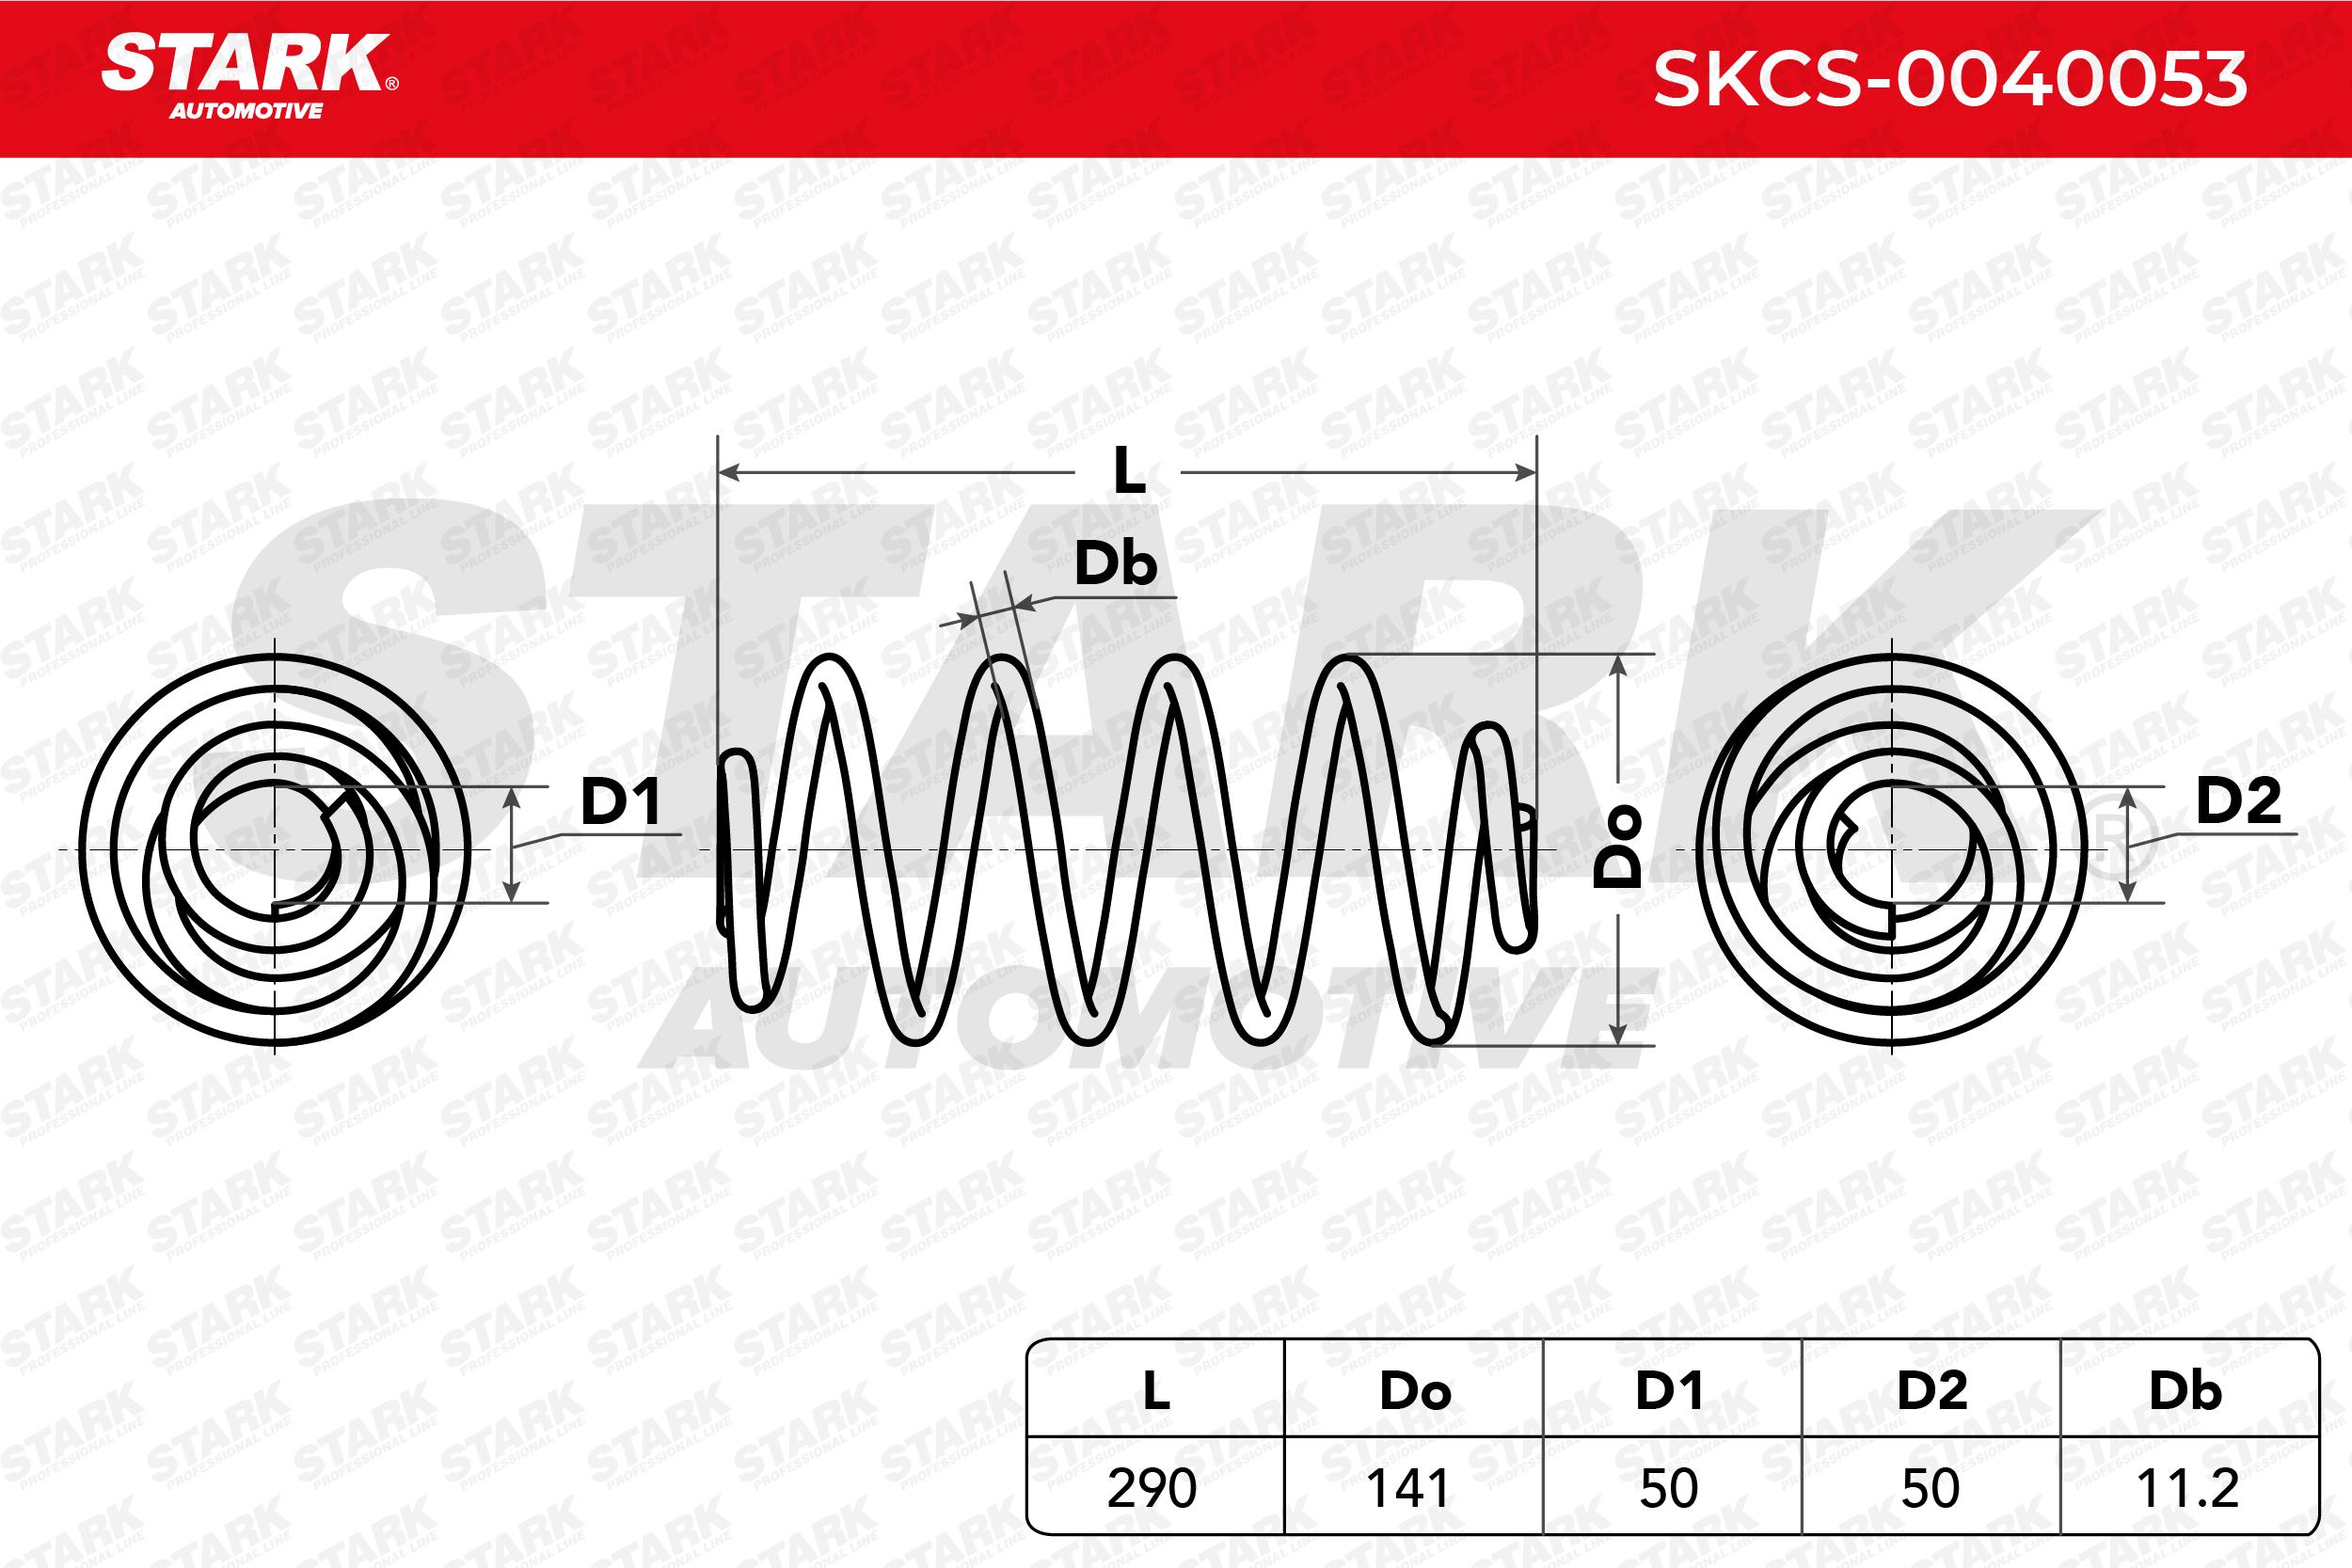 Artikelnummer SKCS-0040053 STARK Preise